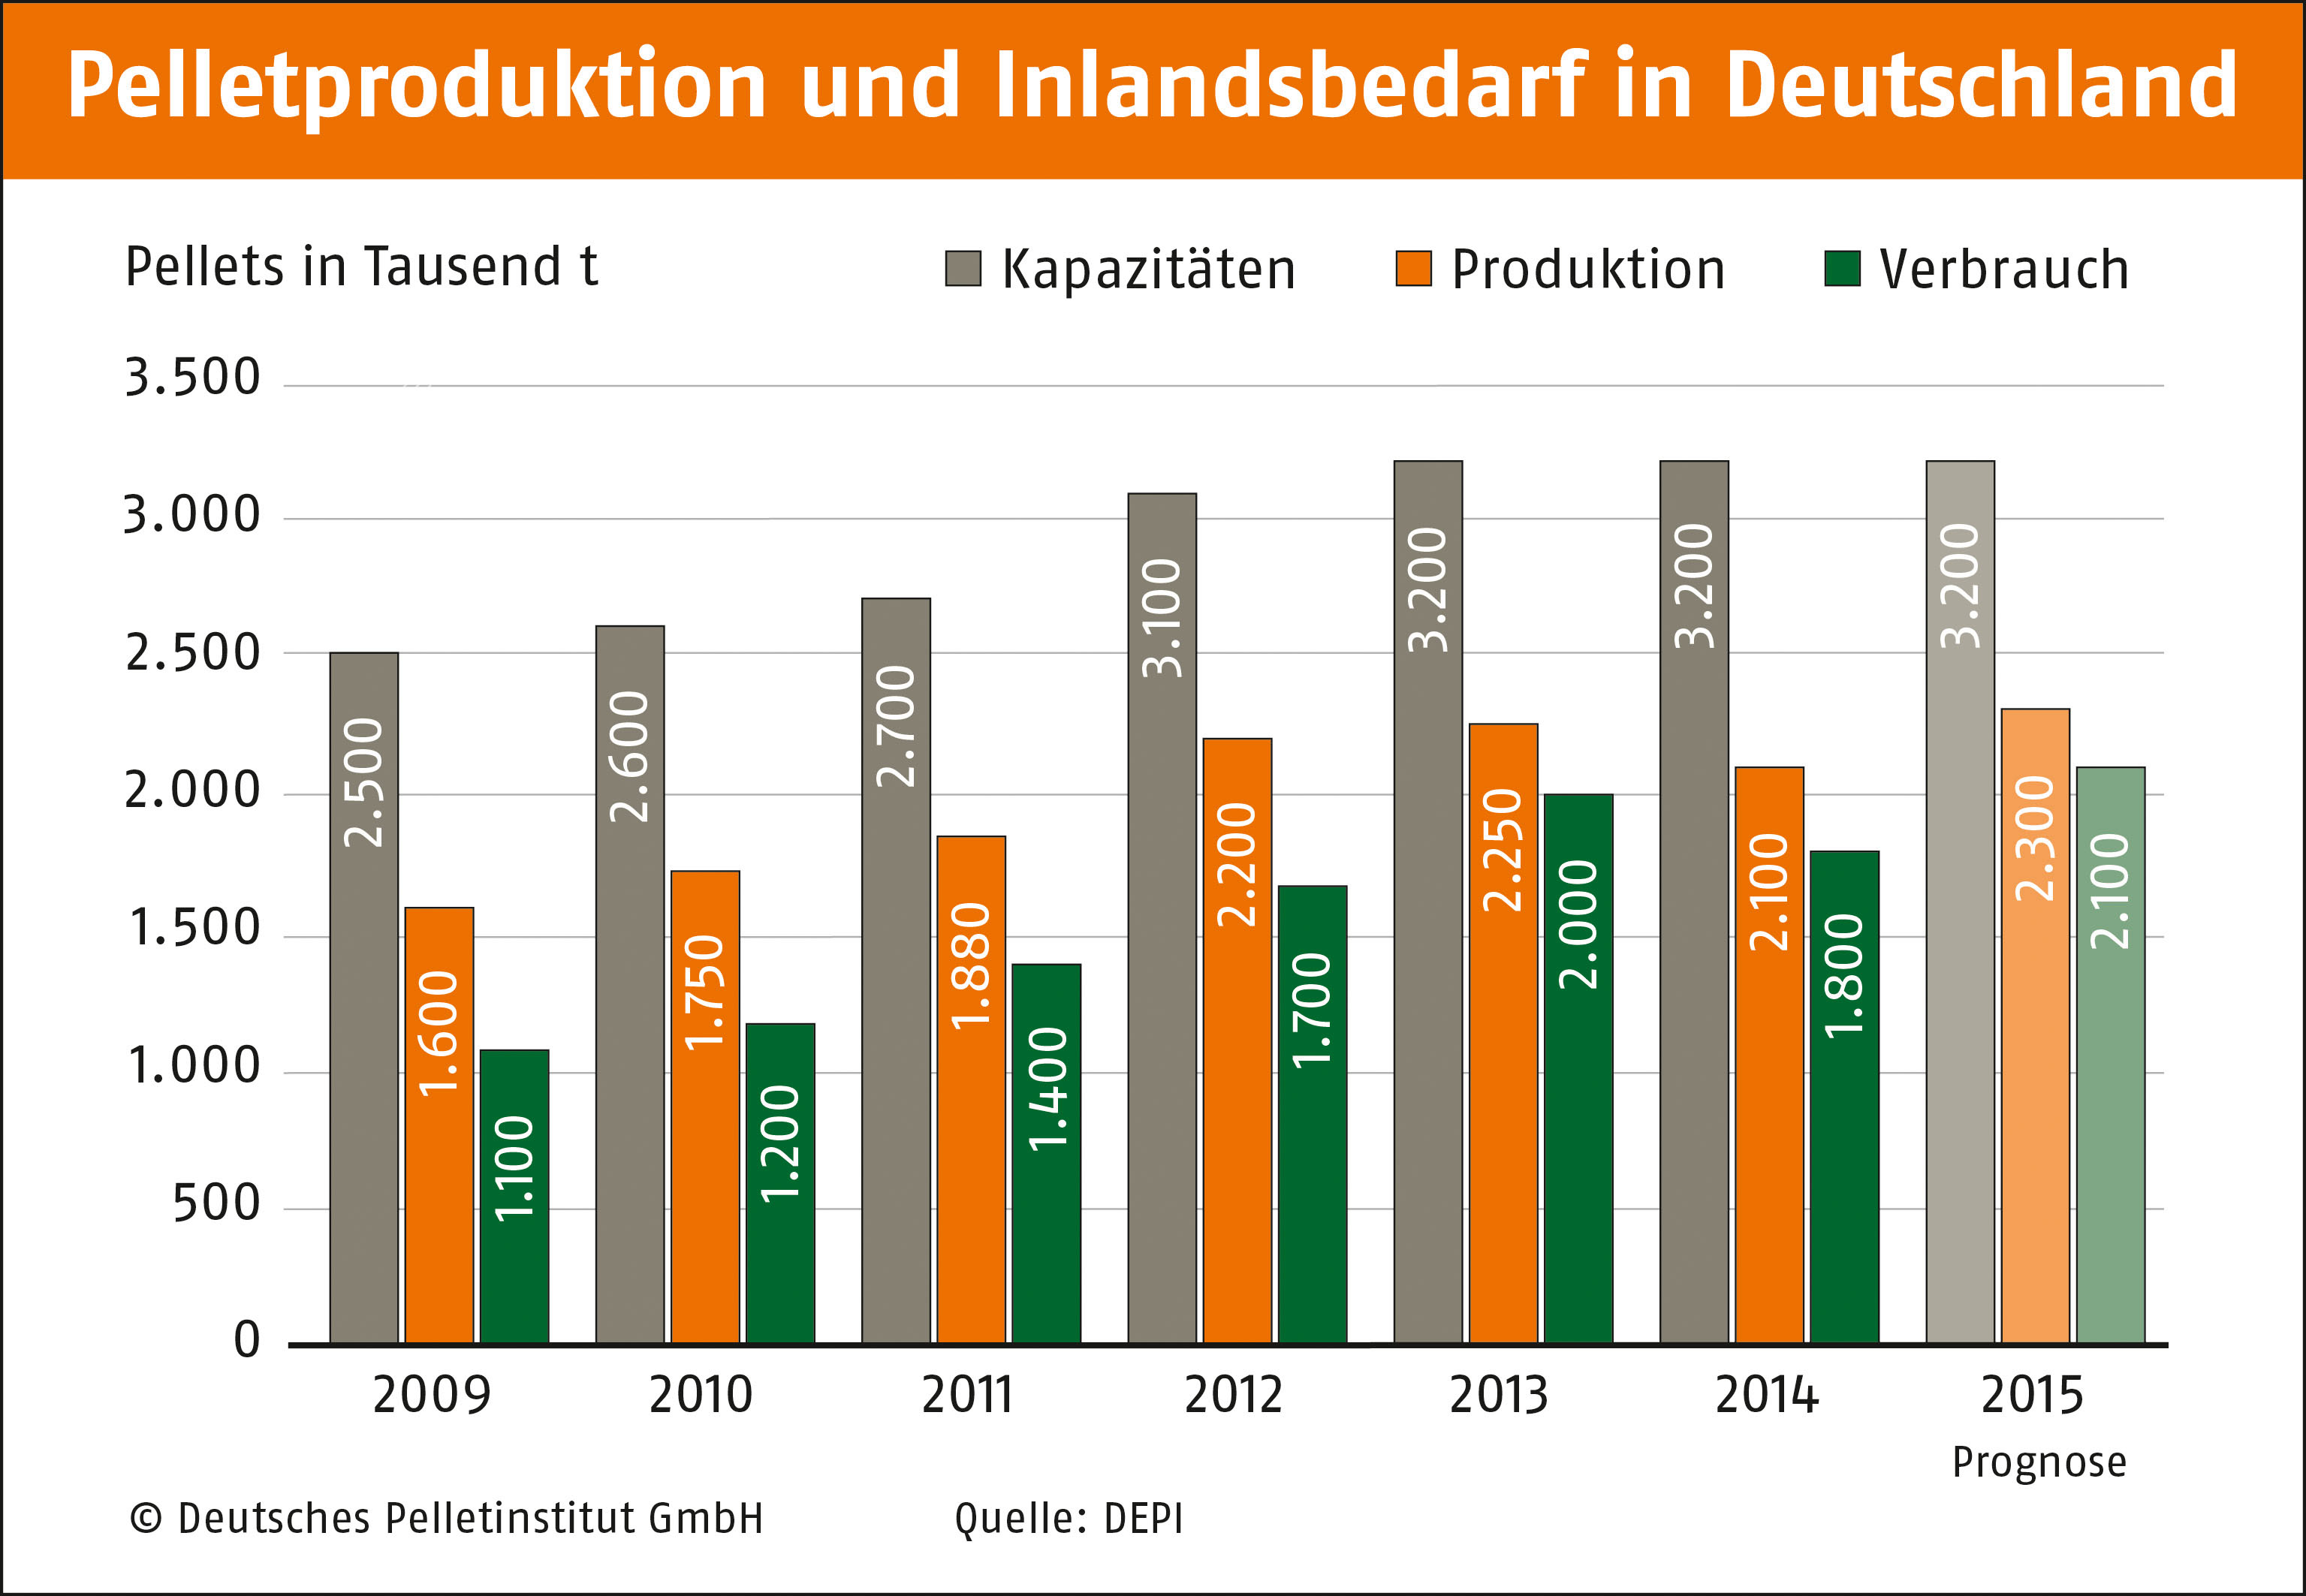 Pelletproduktion_und_Inlandsbedarf_09-15